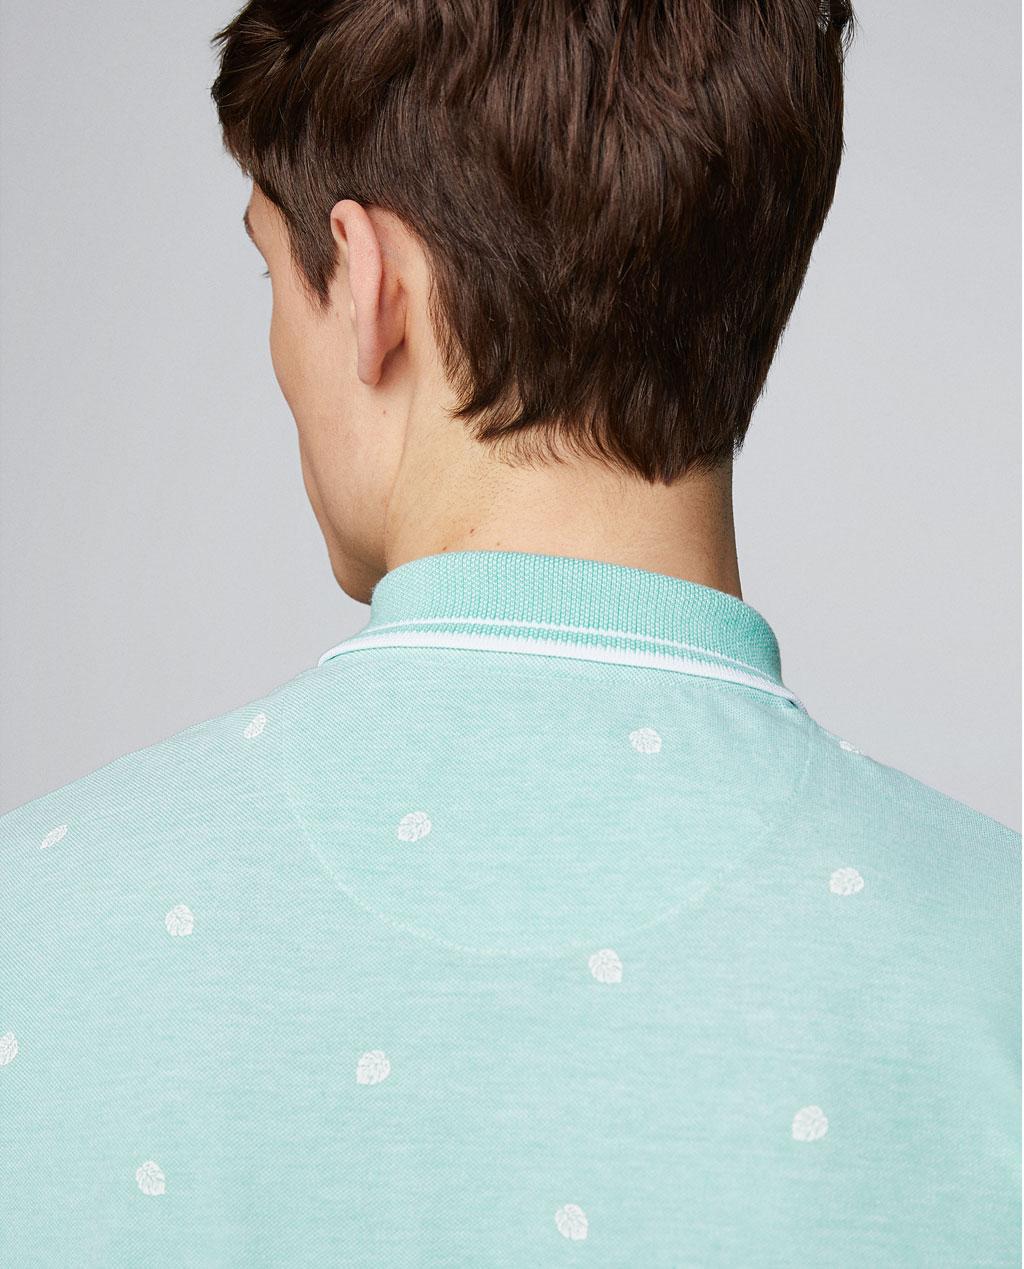 Thời trang nam Zara  24052 - ảnh 7